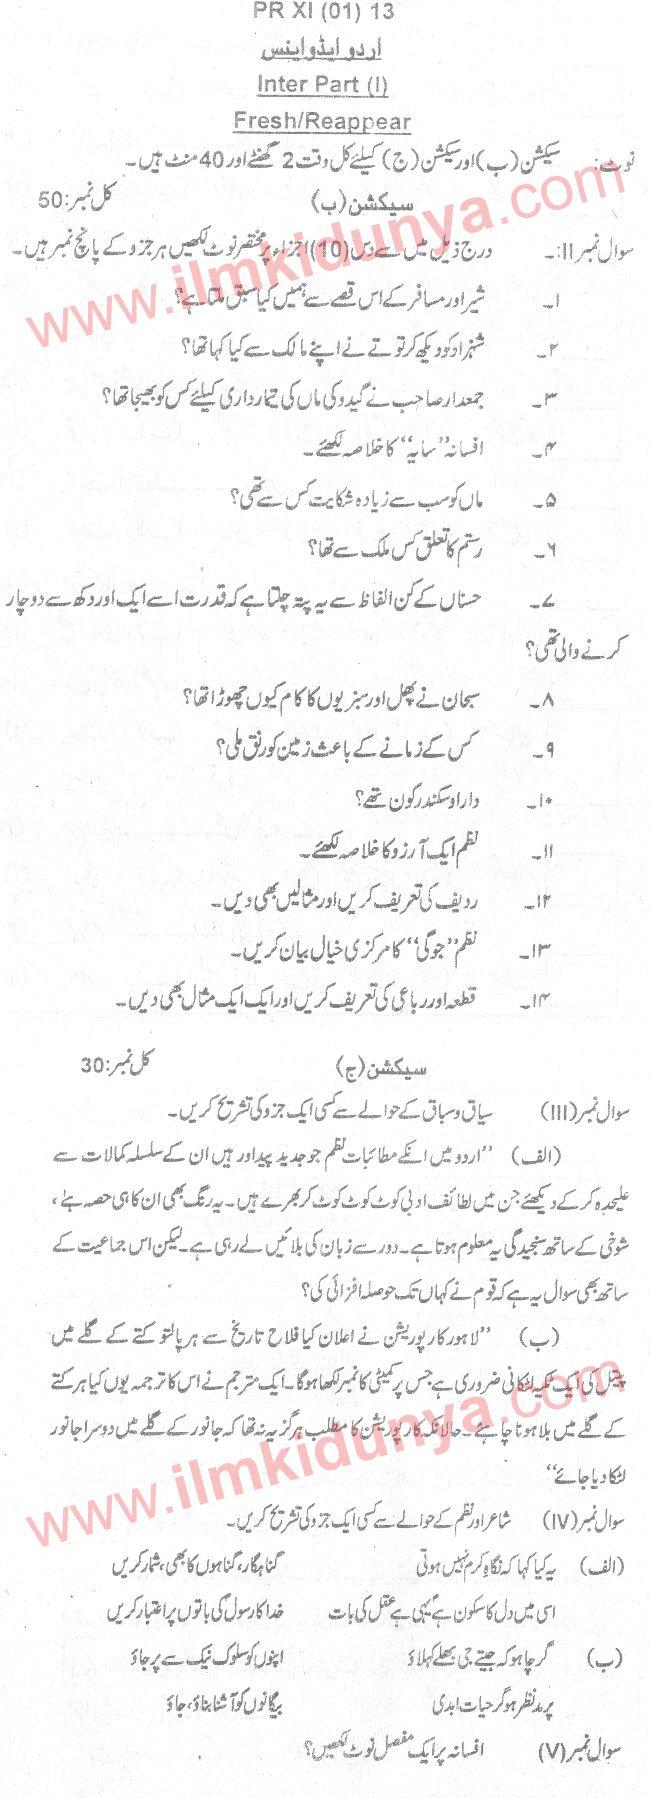 Past Papers 2013 Mardan Board Inter Part 1 Urdu Advance